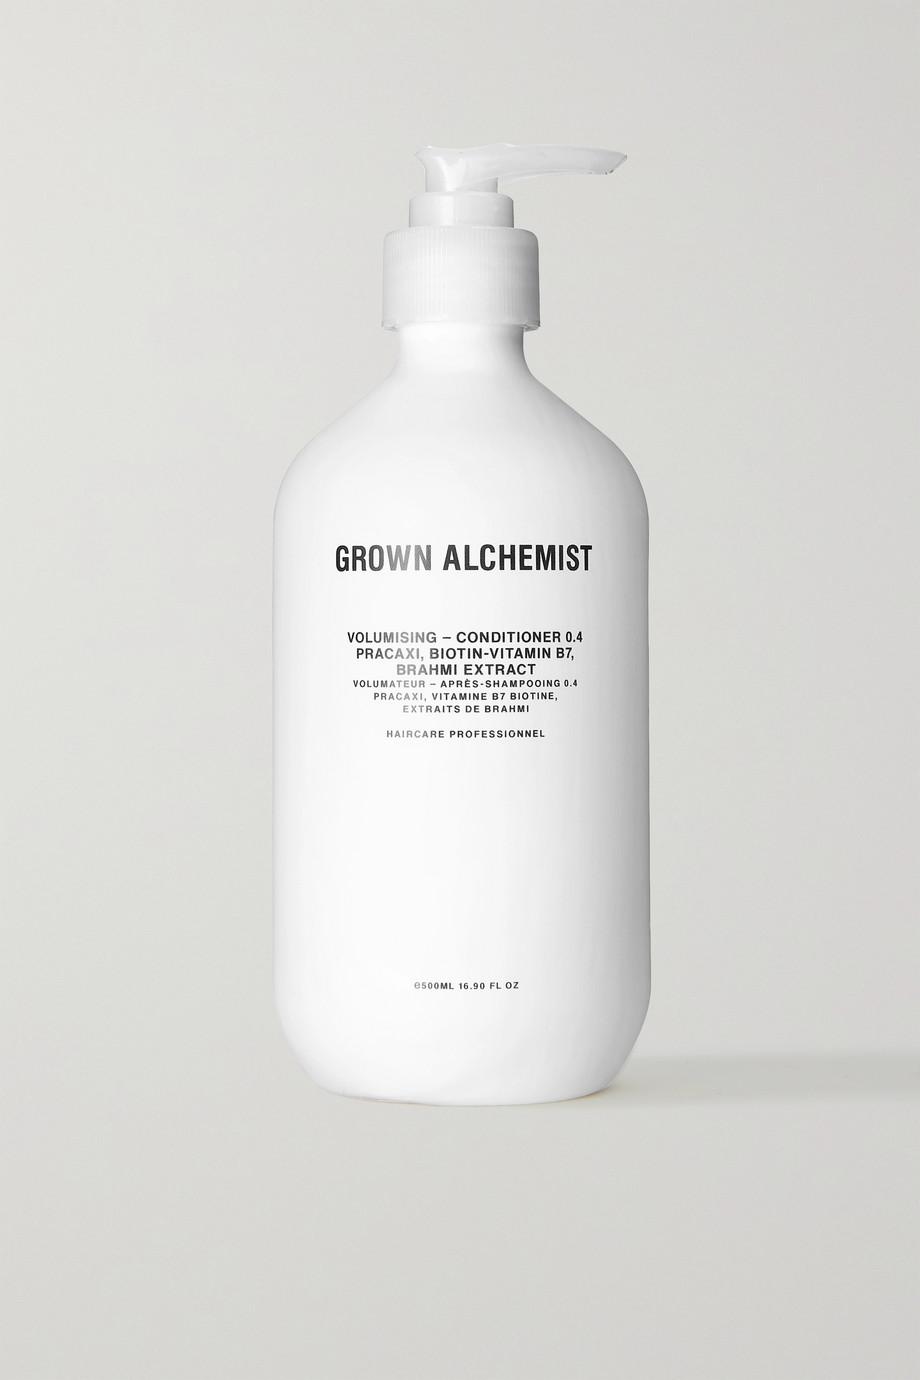 Grown Alchemist Volumising - Conditioner 0.4, 500ml